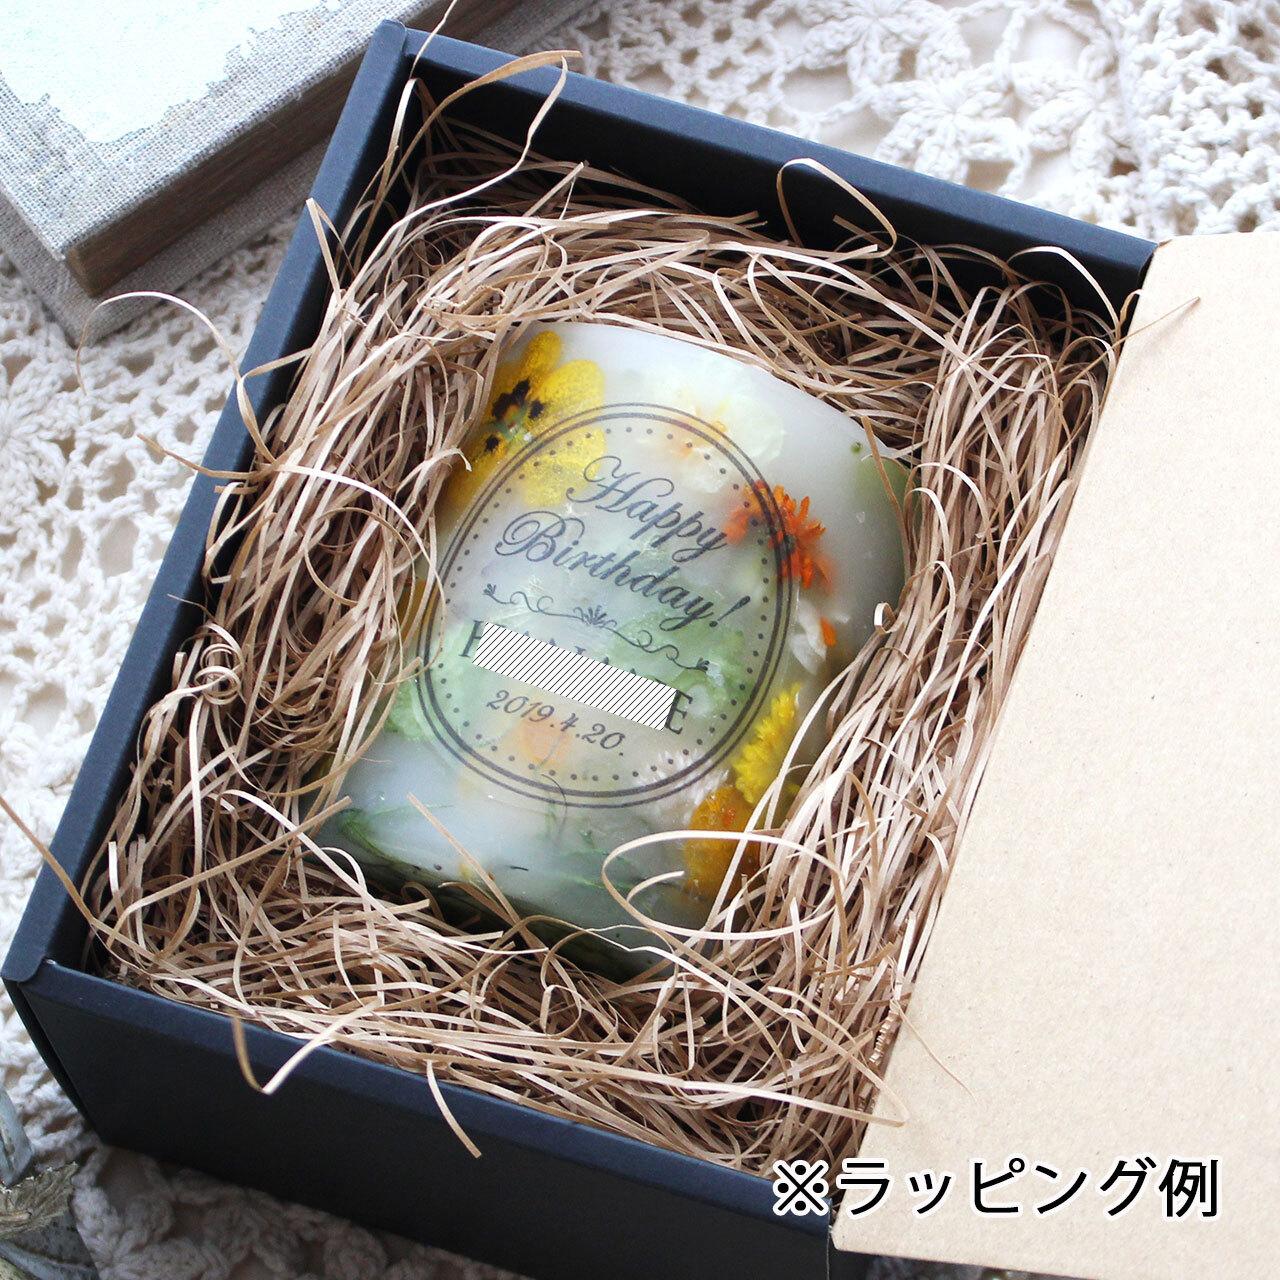 NC258 ギフトラッピング付き☆メッセージ&日付&名入れボタニカルキャンドル ローズ